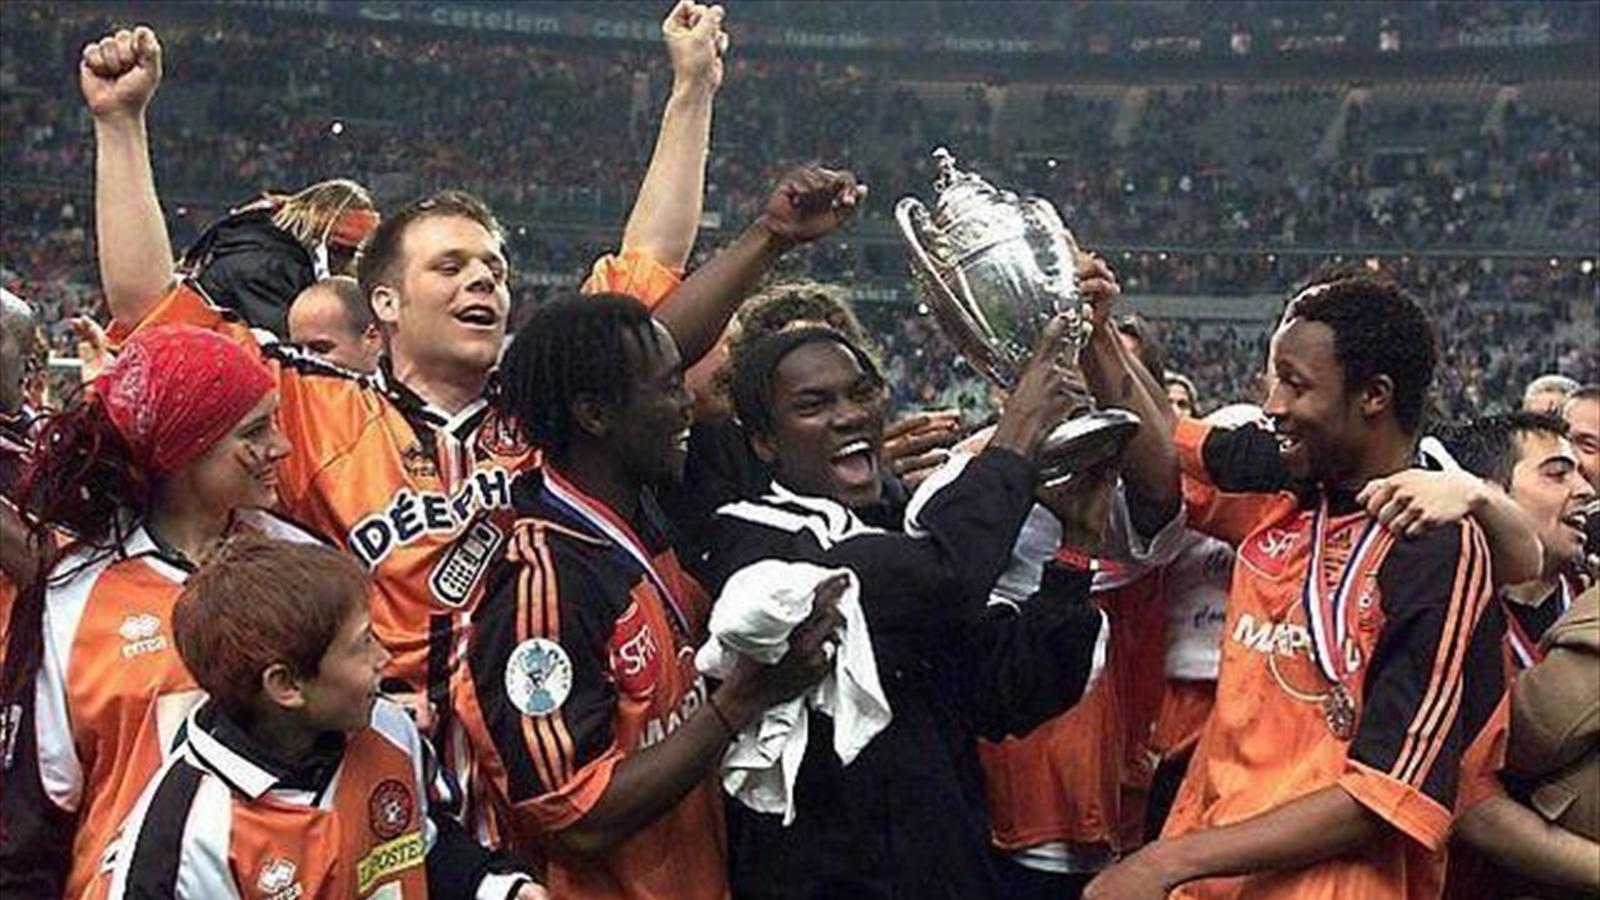 Video le jour o r mi gaillard a gagn la coupe de - Calendrier de la coupe de france 2015 ...